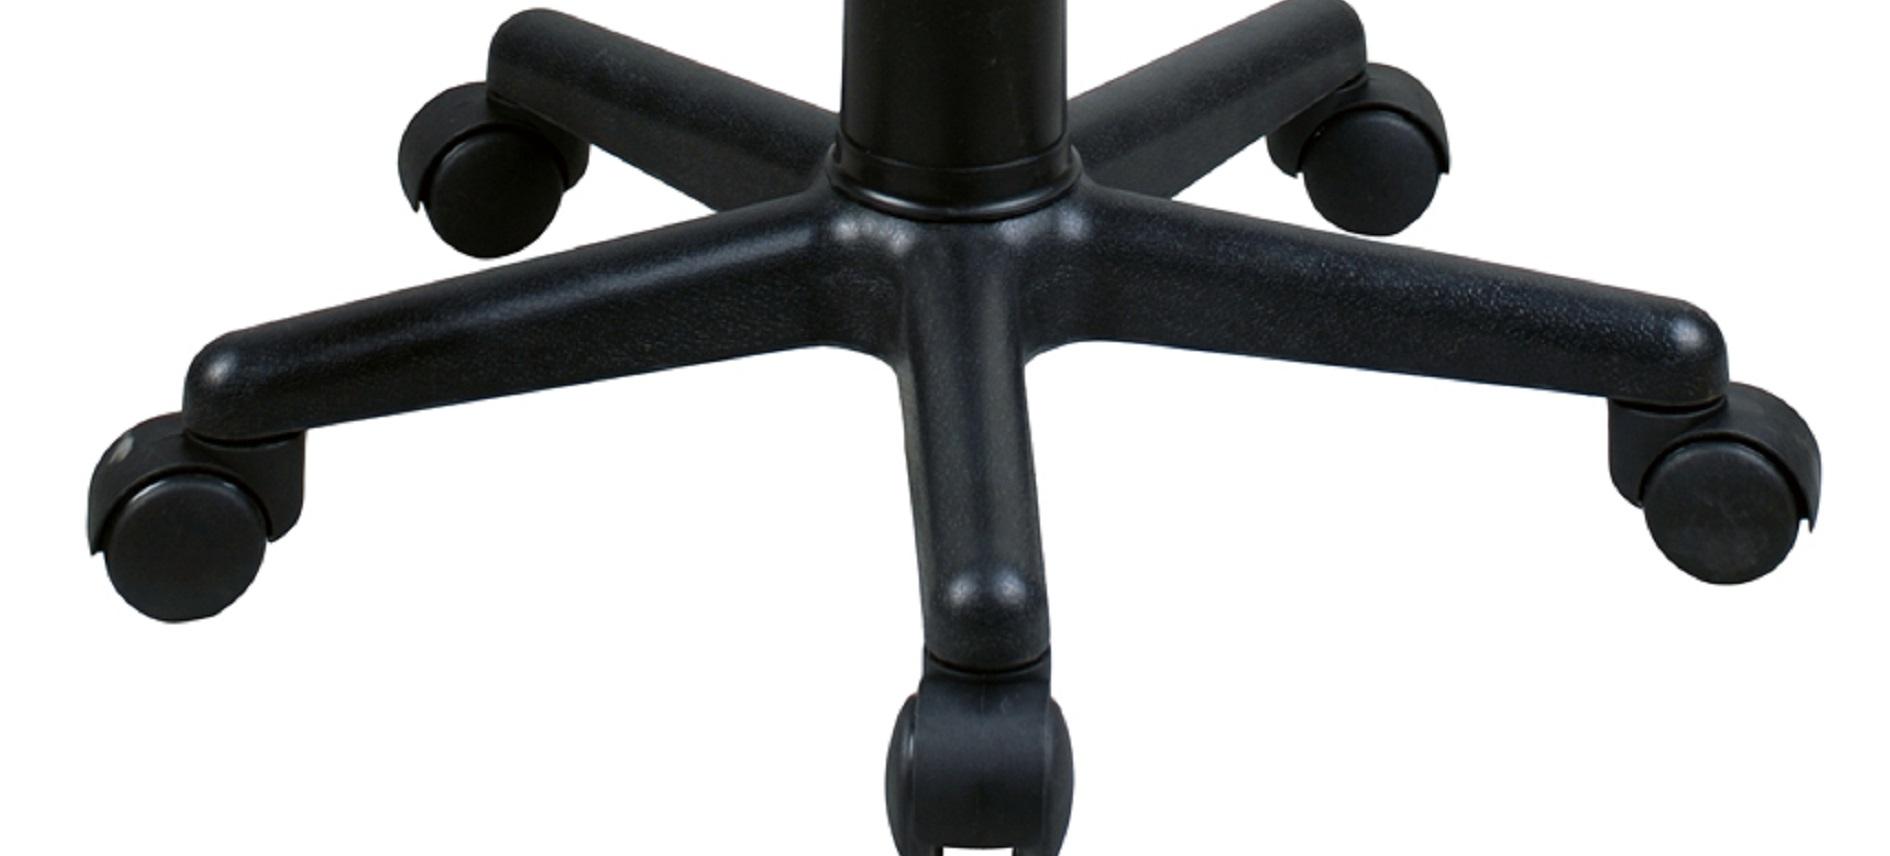 Kinder-Drehstuhl Bürostuhl Schreibtischstuhl 60022OL Stoff Oliv-Grün